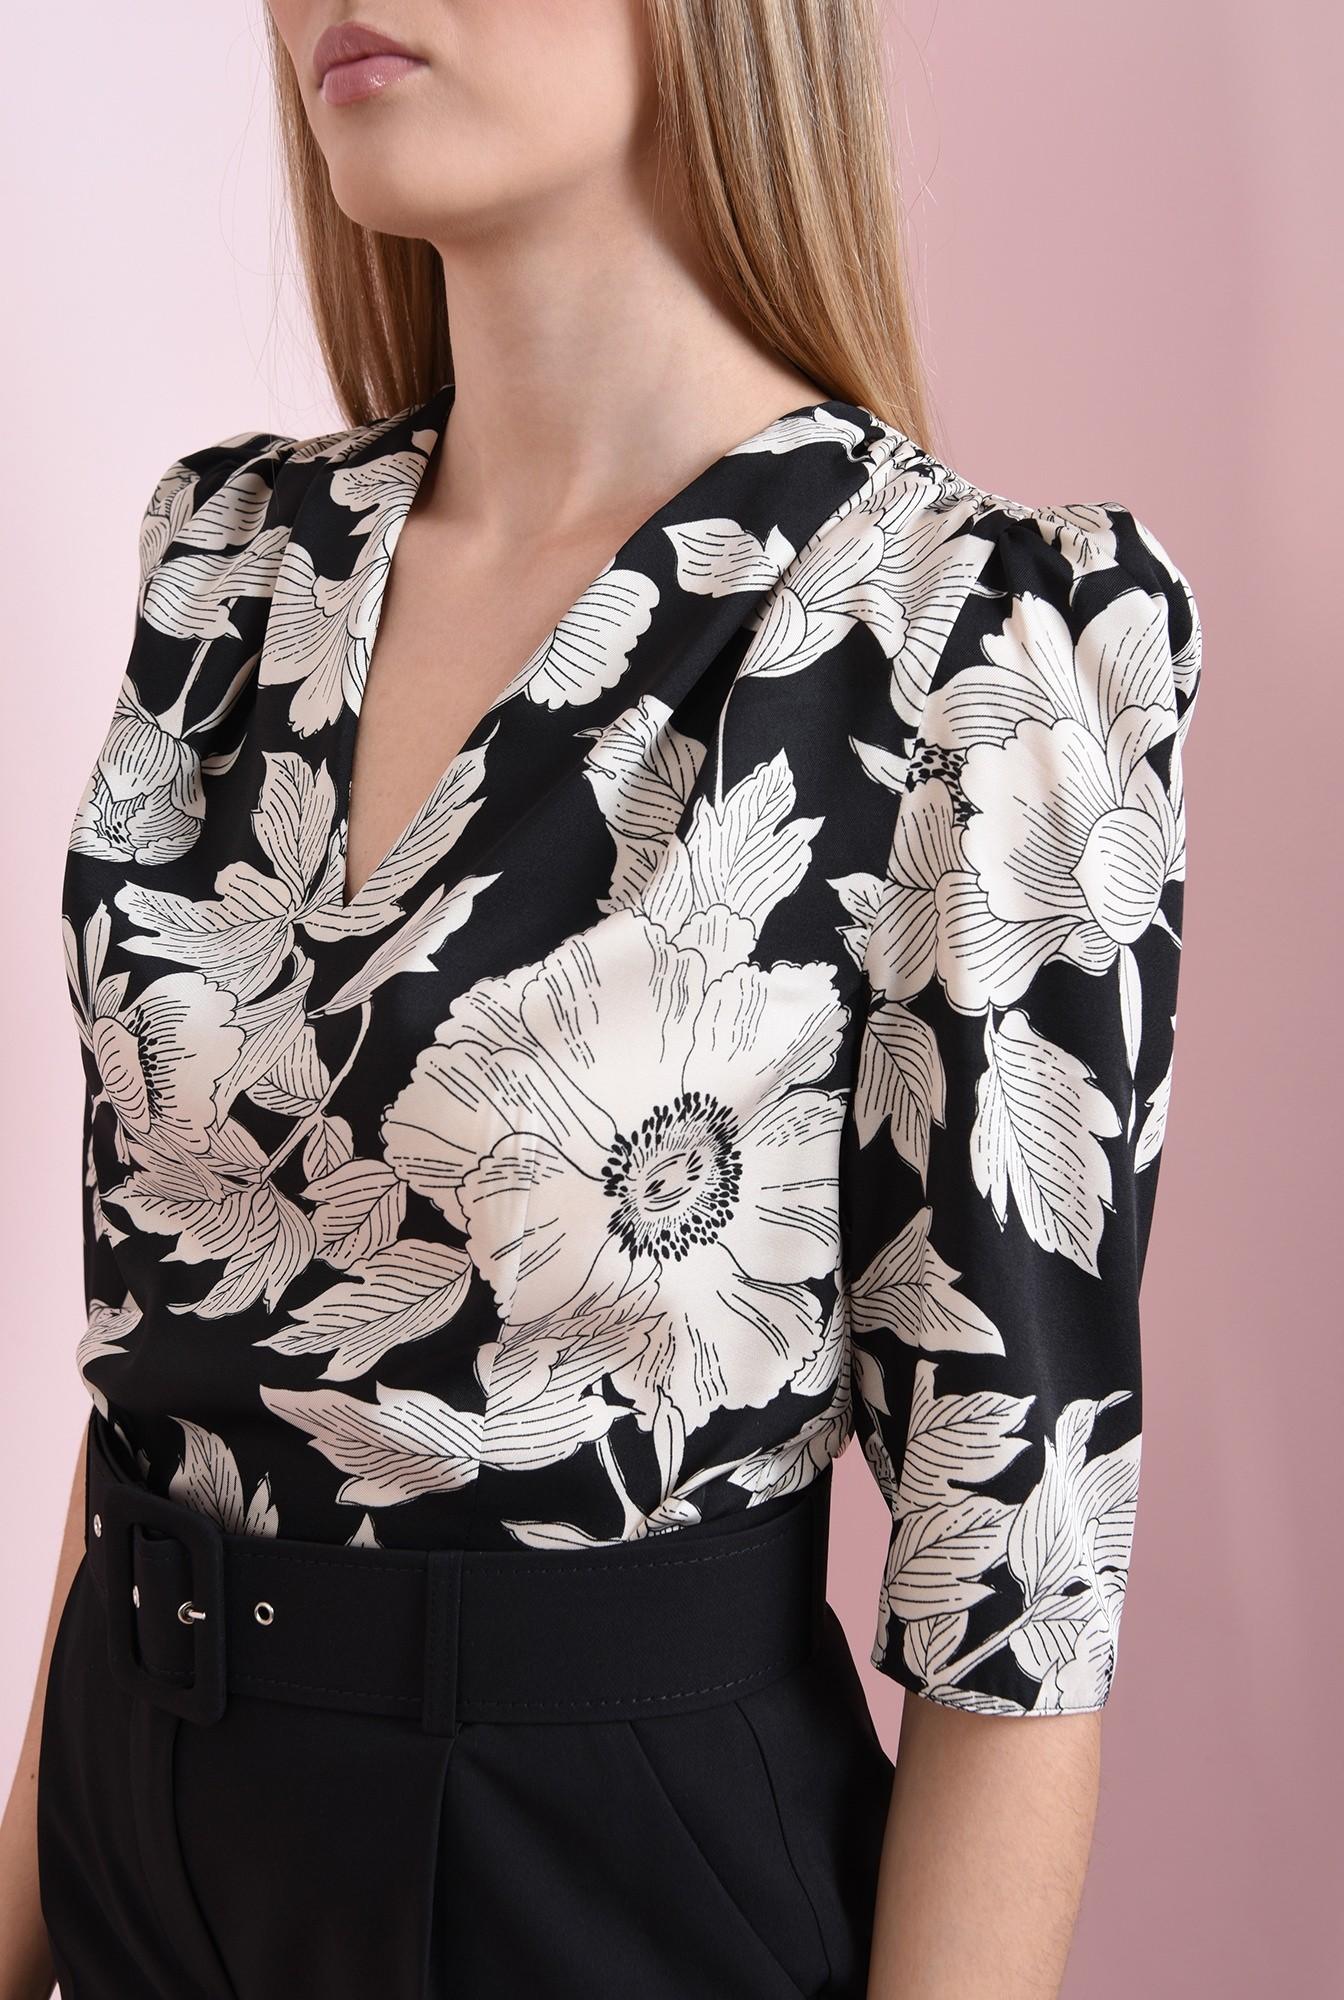 2 - bluza neagra, cu flori, Poema